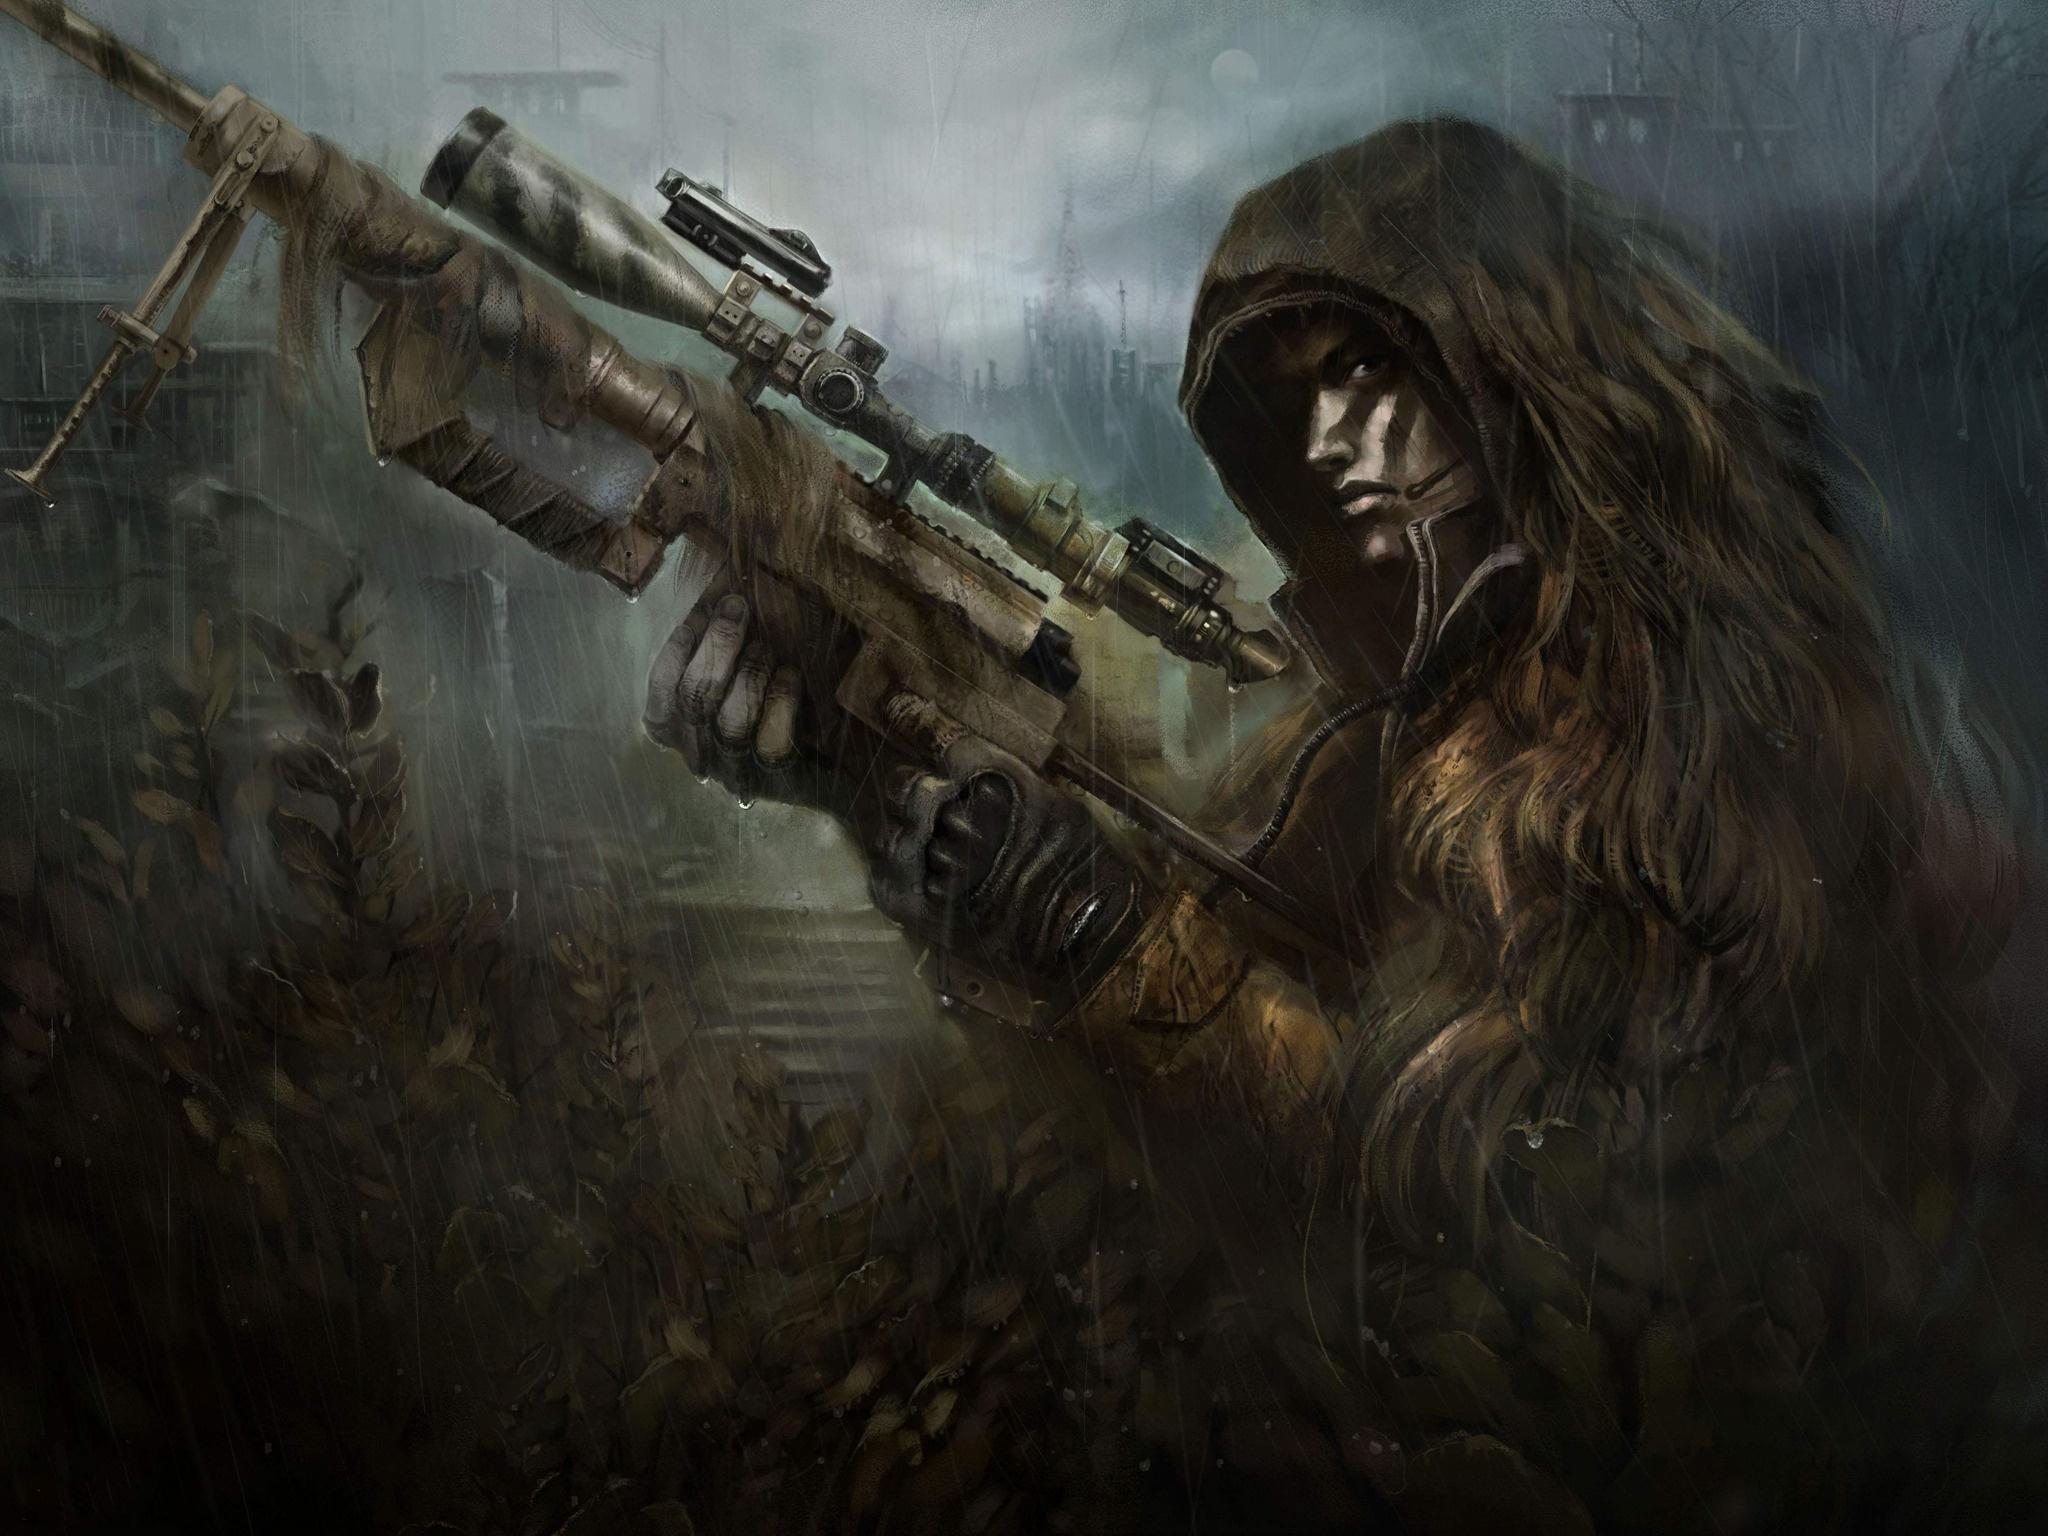 the sniper camo wallpaper background 2048x1536